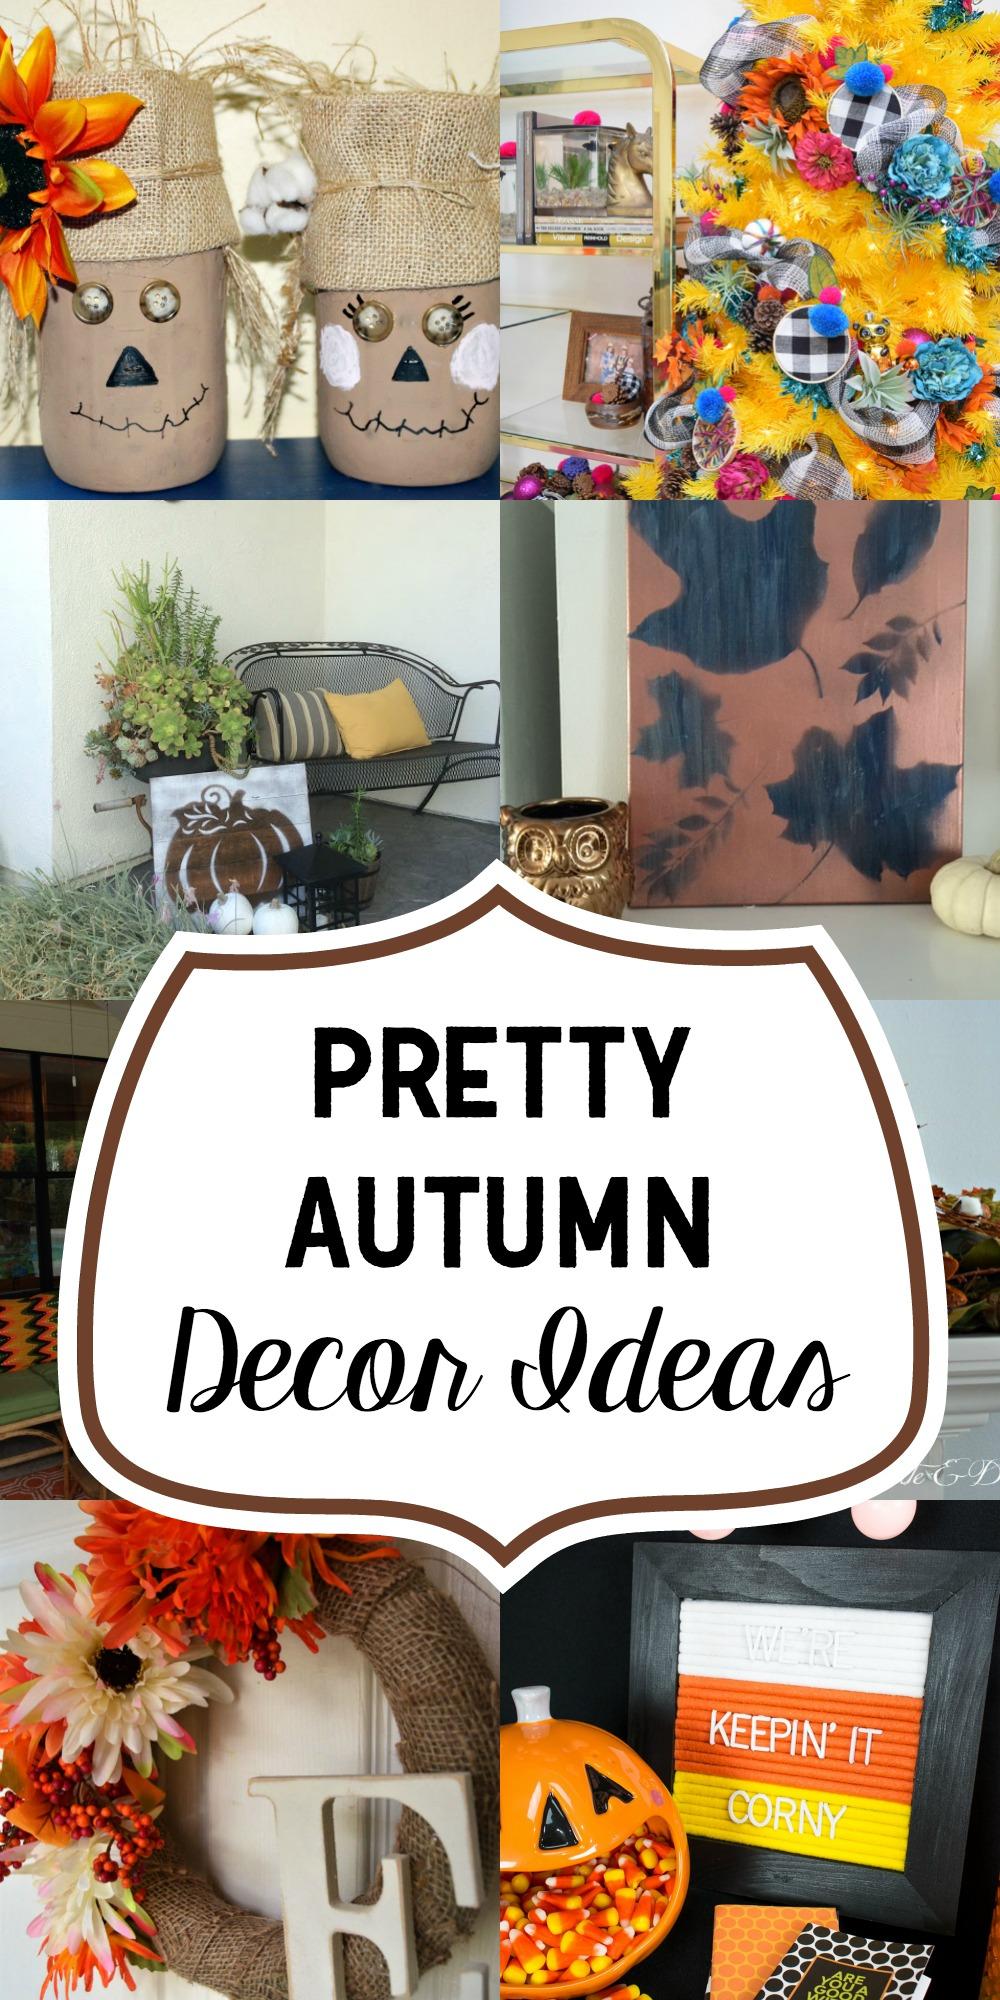 Pretty Autumn Decor Ideas